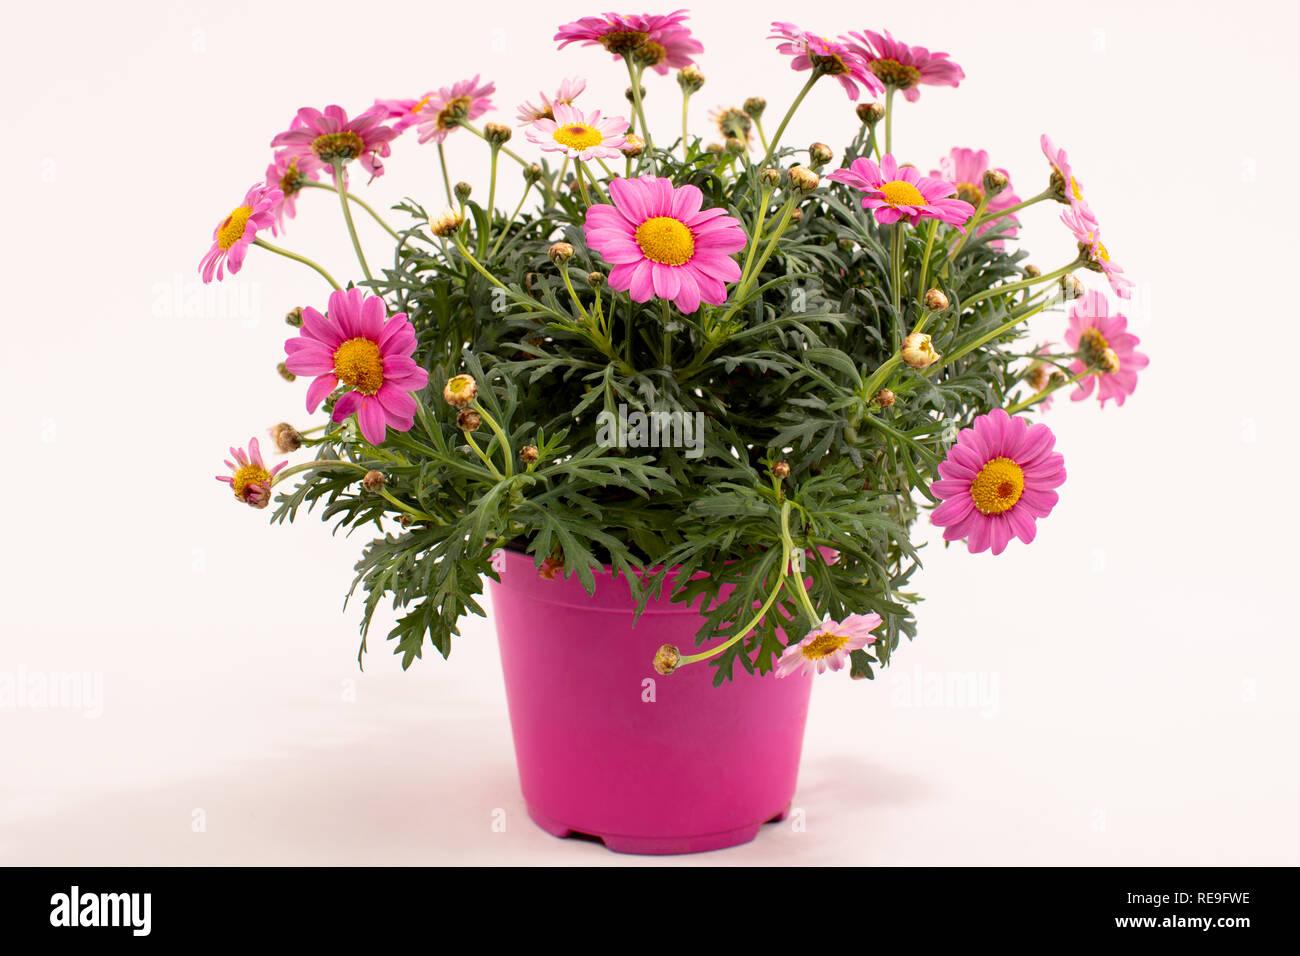 Beliebt Bevorzugt Rosa Margerite, Sommer Blume Stockfoto, Bild: 232550010 - Alamy #LF_77